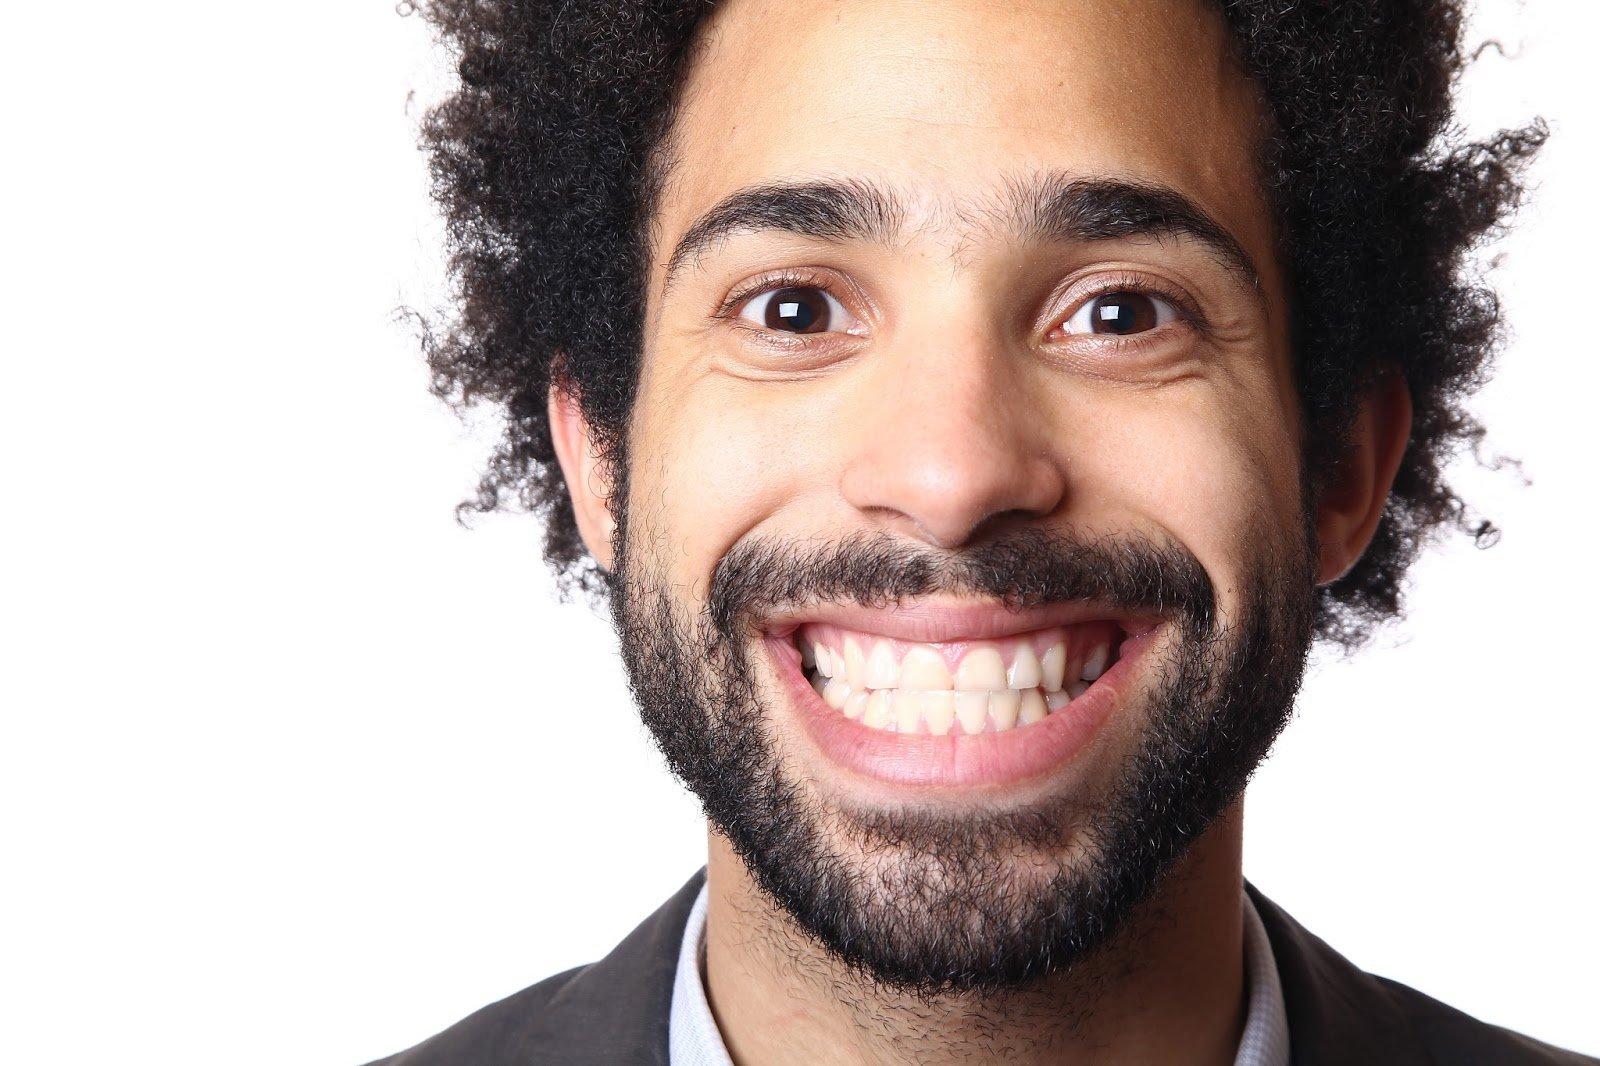 Resultado de imagem para smiling